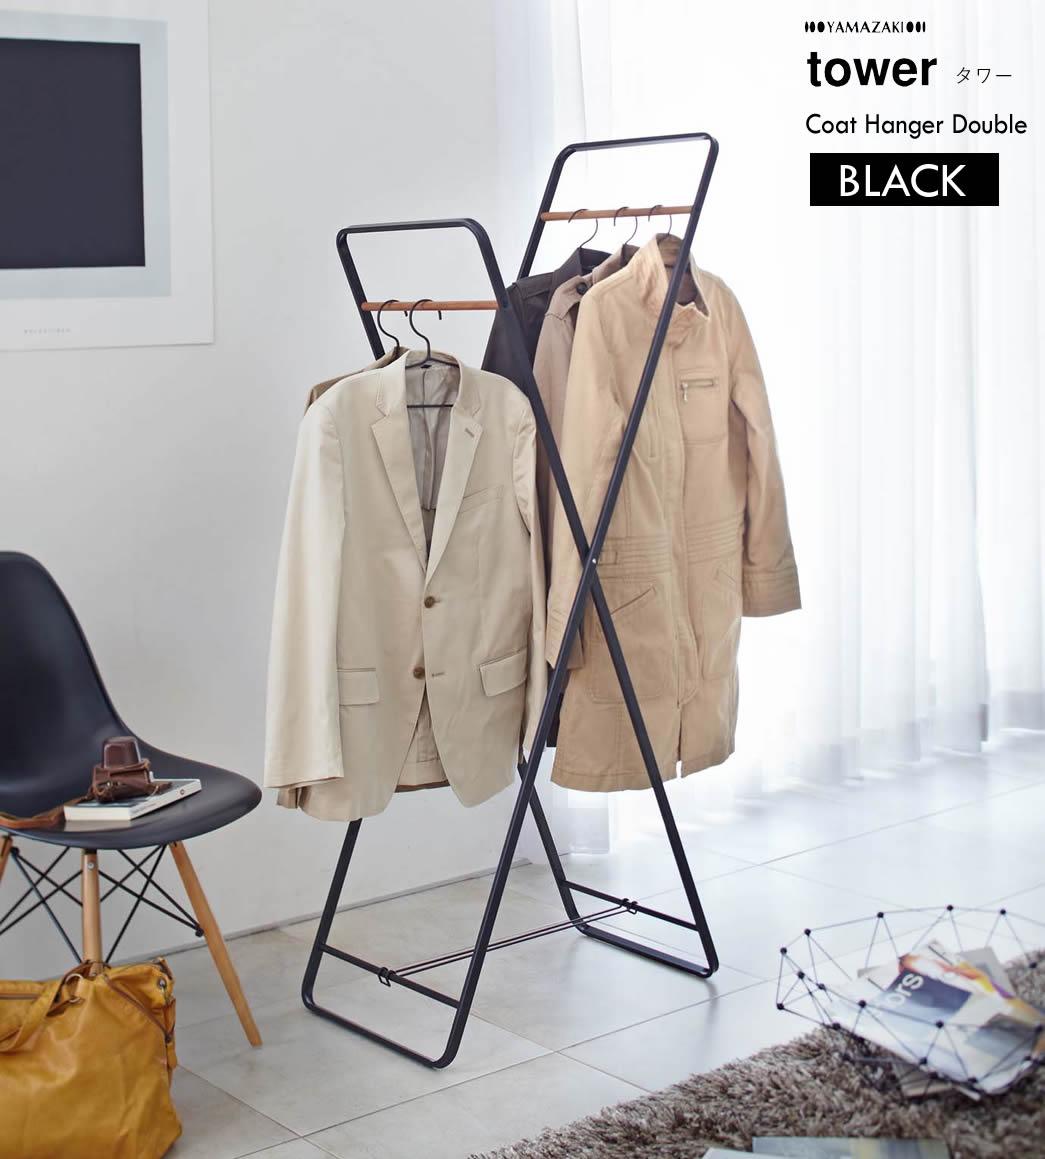 山崎実業 コートハンガー ダブル タワー TOWER ブラック 折りたたみ